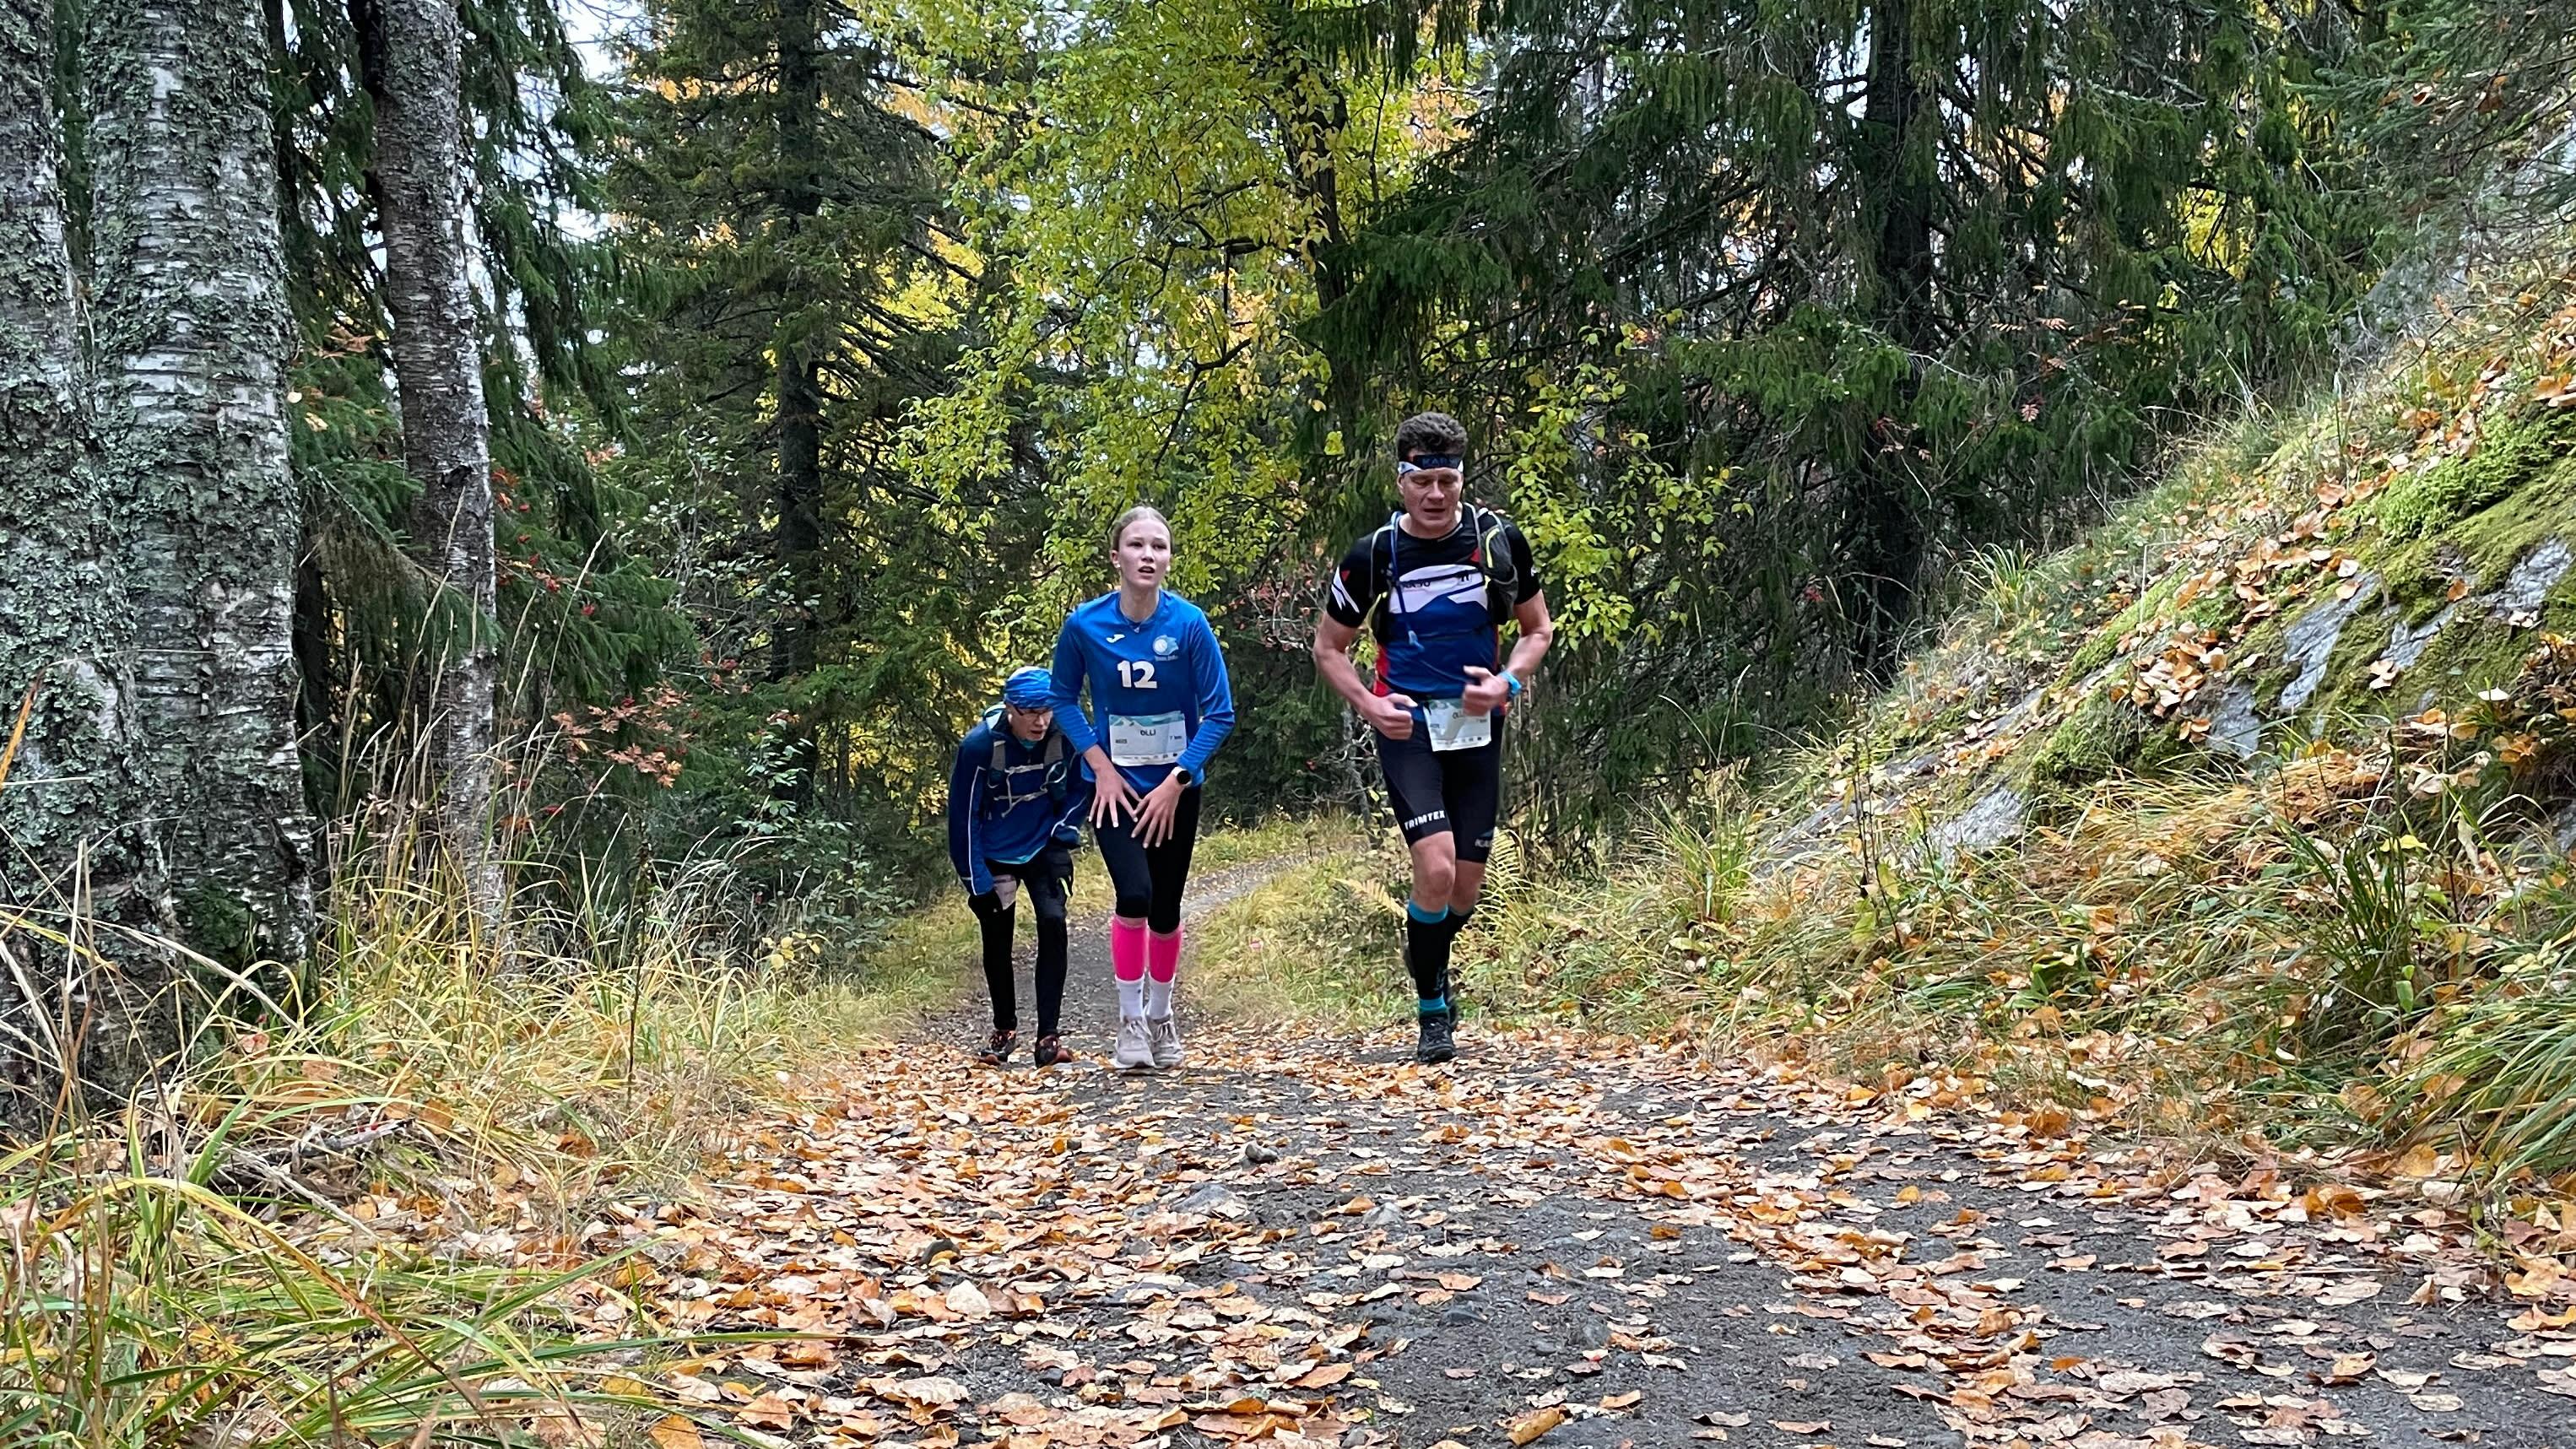 Neljä seikkaa auttaa siinä, ettei Vaarojen Maratonin 1 200 polkujuoksijasta jää maastoon pysyvää muistoa